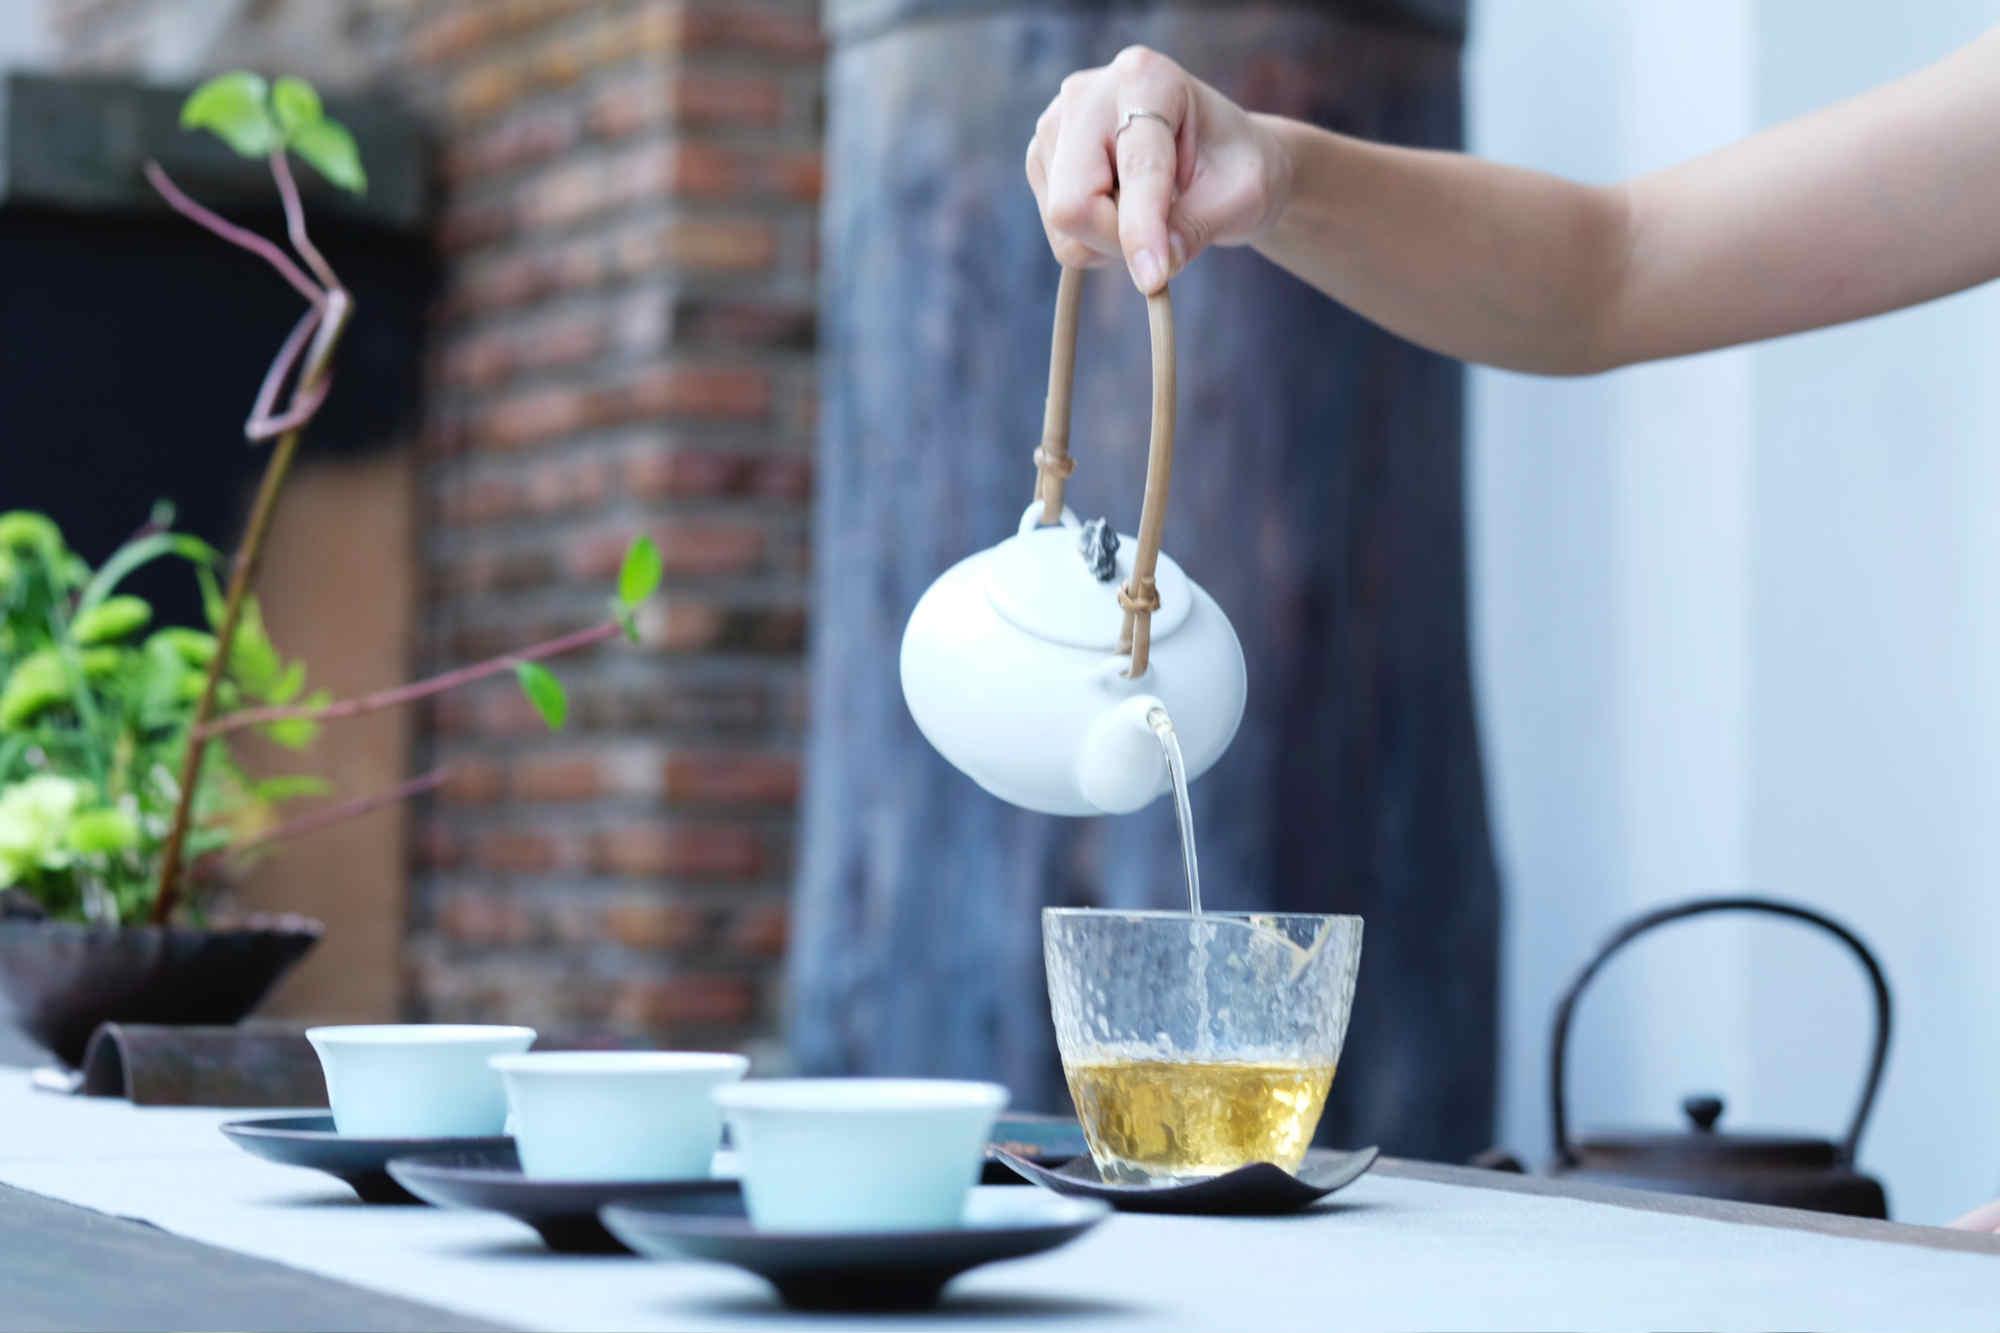 Les bienfaits du thé vert, du matcha et du thé noir varient selon le type d'eau utilisé